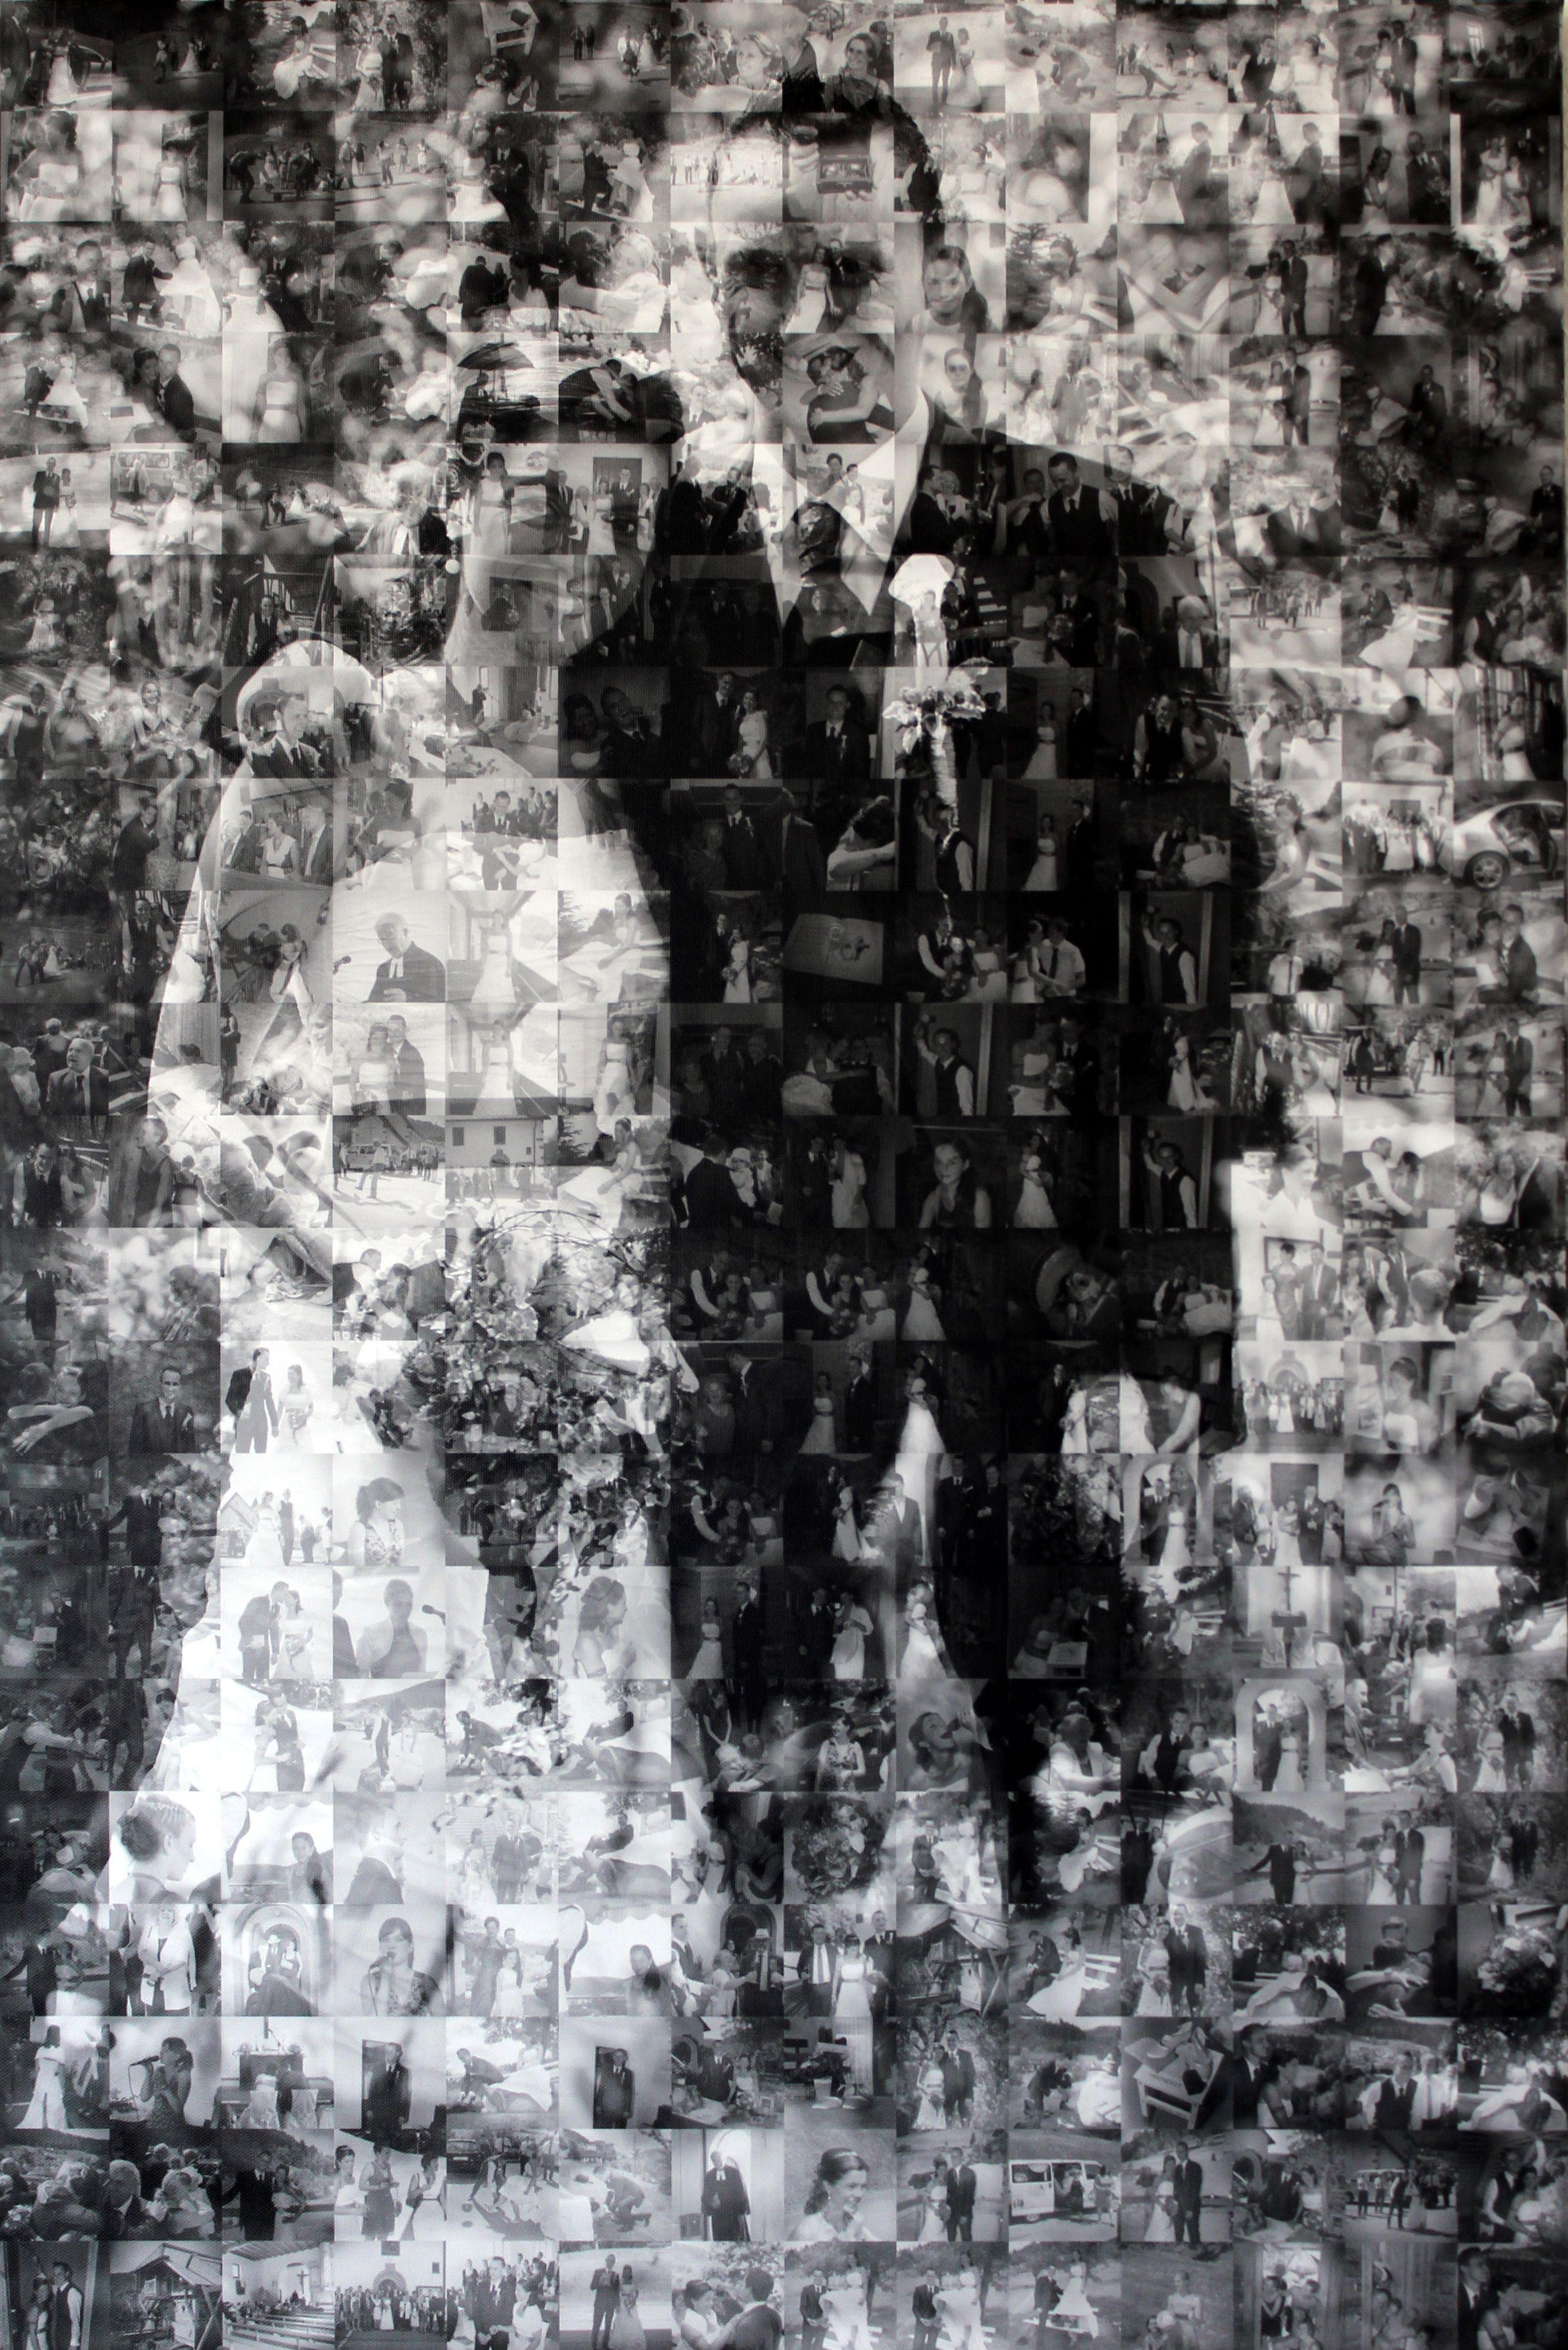 viele kleine bilder verschmelzen zu einem grossen ganzen mit liebe zum detail erstellen wir fur euch ein fotomosaik foto mosaik fotocollage leinwand bestellen auf drucken lassen